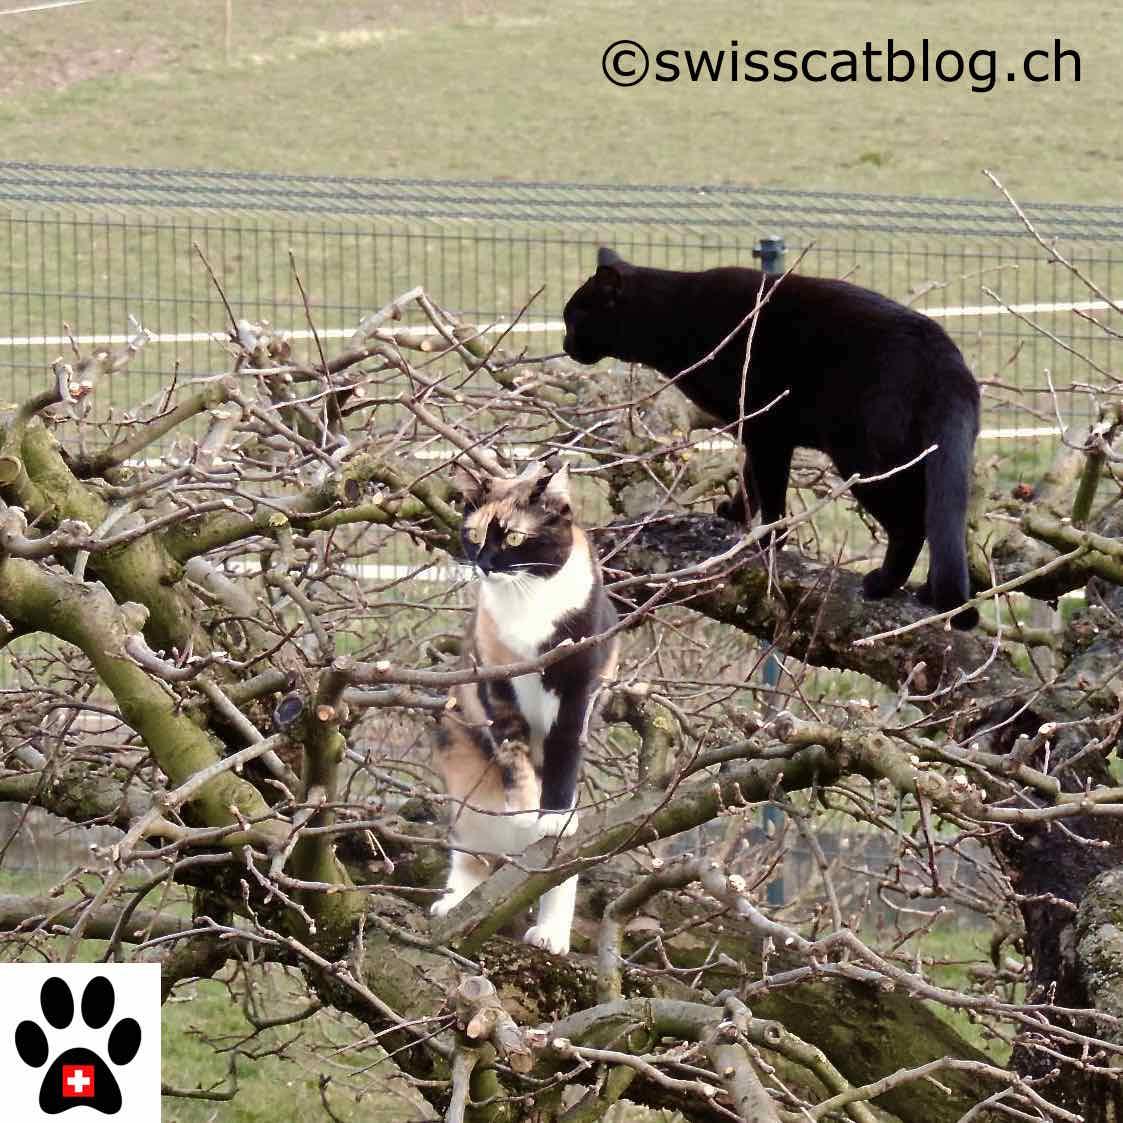 Recinzione Giardino Per Gatti.Come Il Mio Giardino Recintare Affinche I Miei Gatti Possano Andare